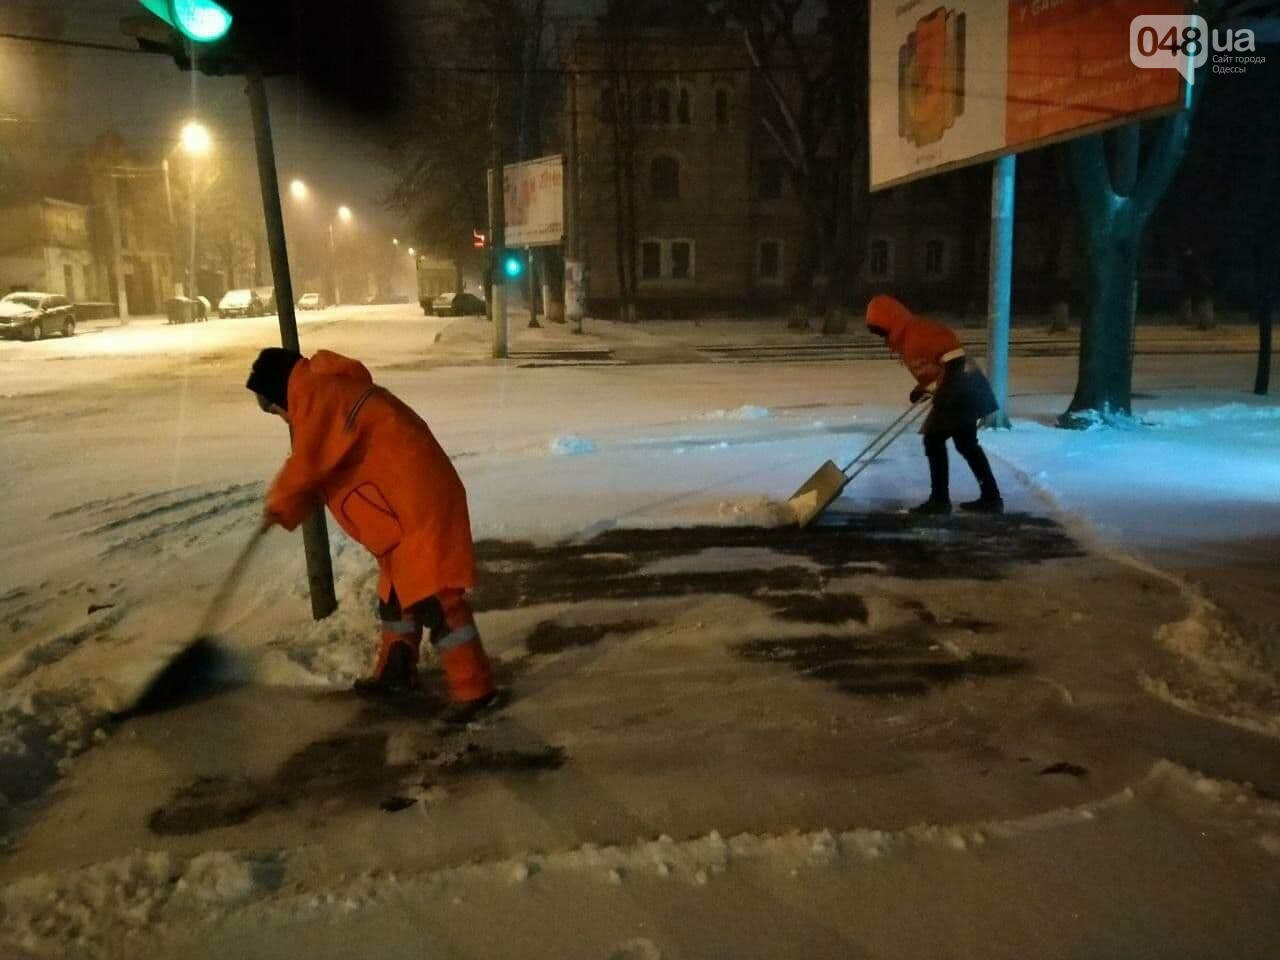 В Одессе около 100 автомобилей всю ночь разгребали снег и посыпали улицы,- ФОТО, ВИДЕО, фото-13